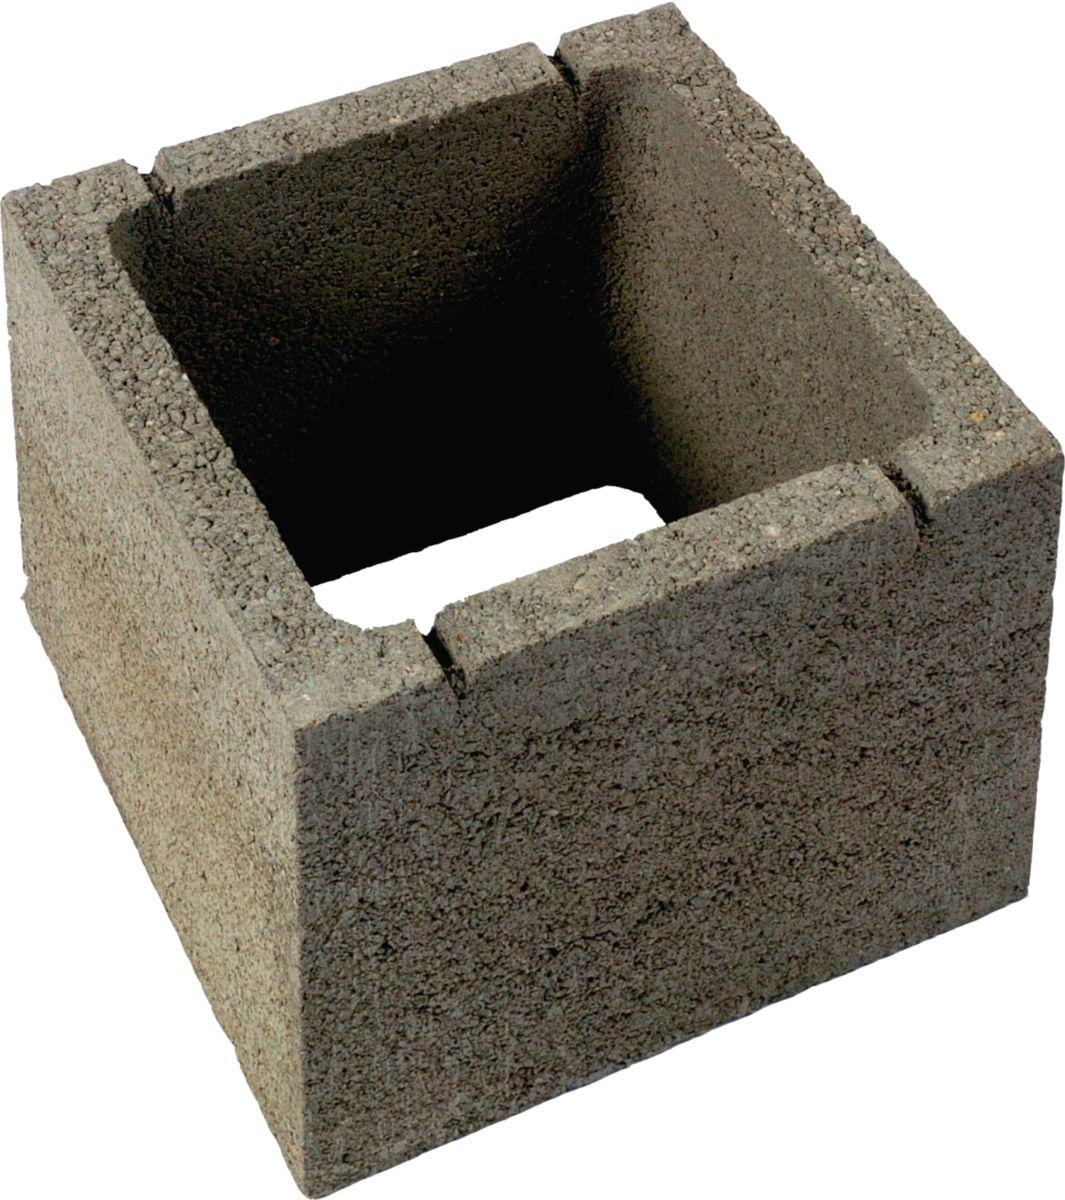 sepa boisseau de pilier b ton lisse gris 30x30x25 cm. Black Bedroom Furniture Sets. Home Design Ideas